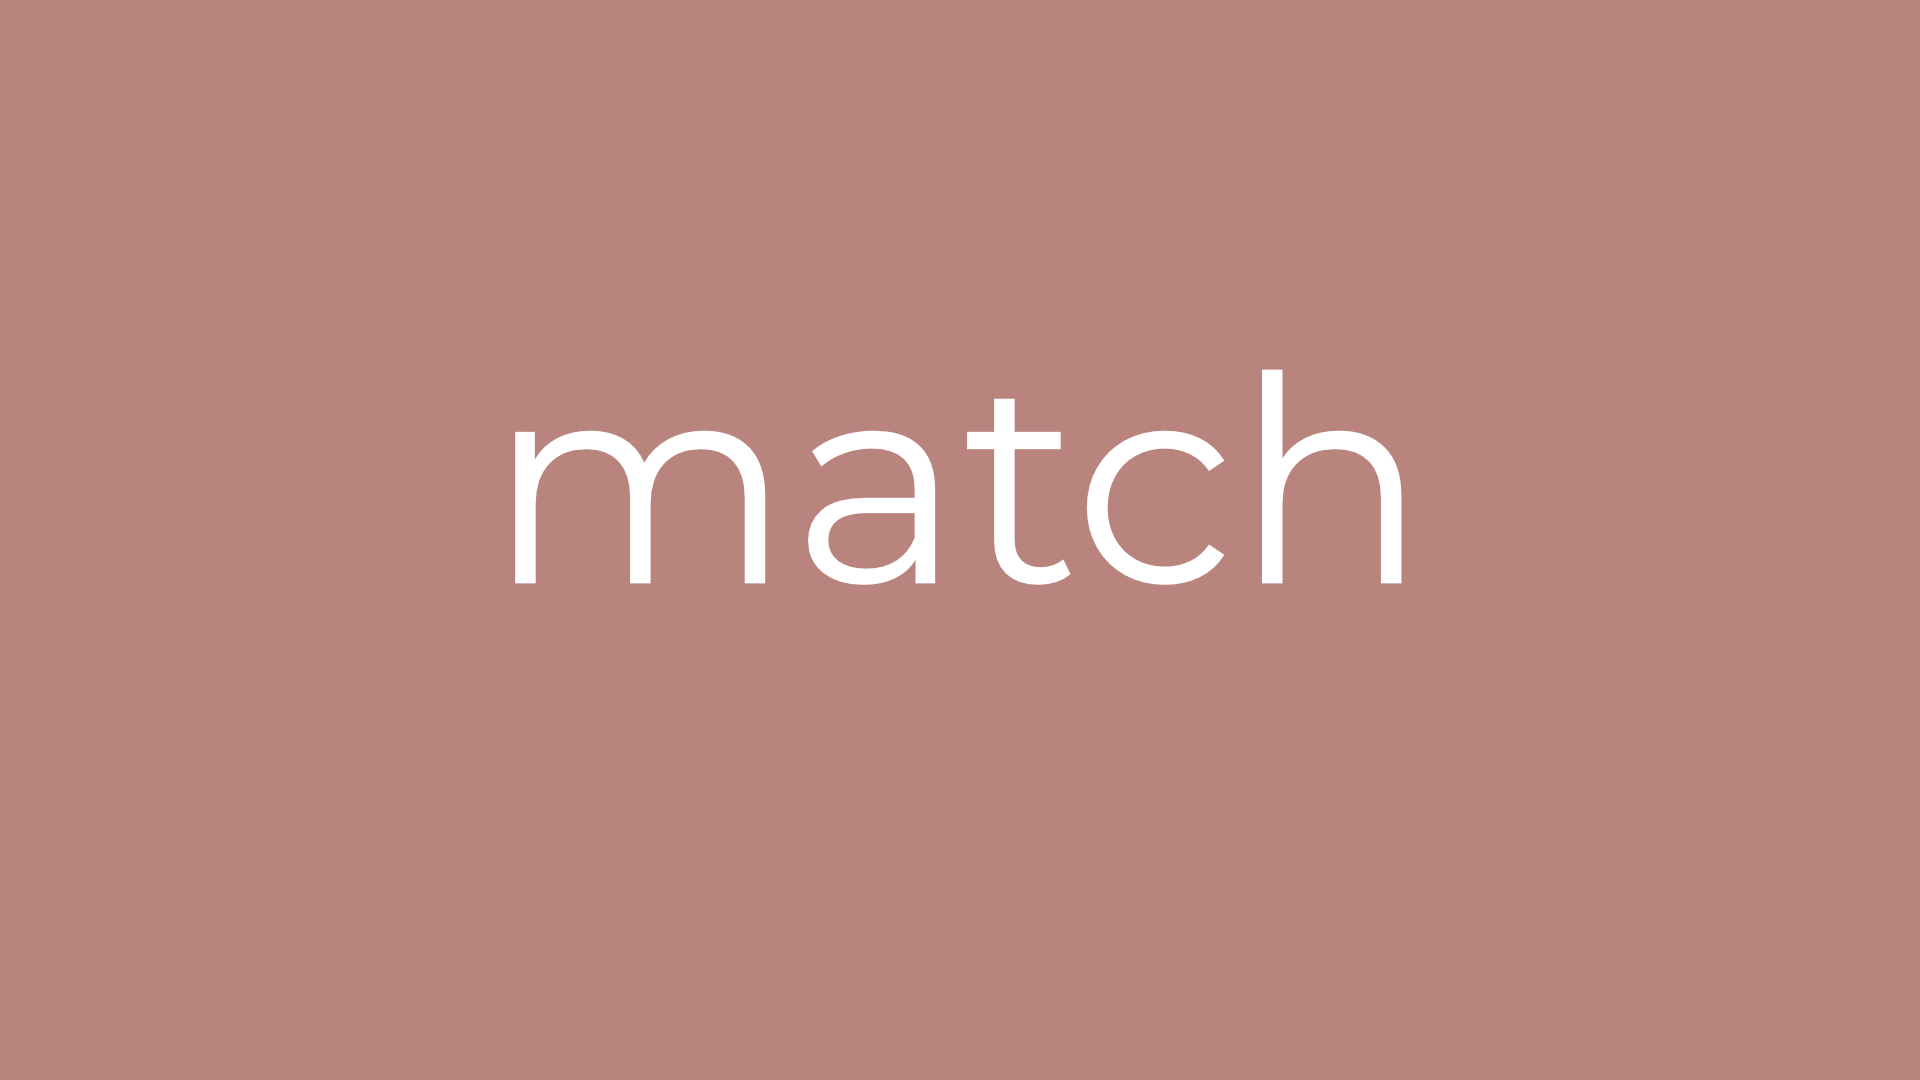 match - faq.png